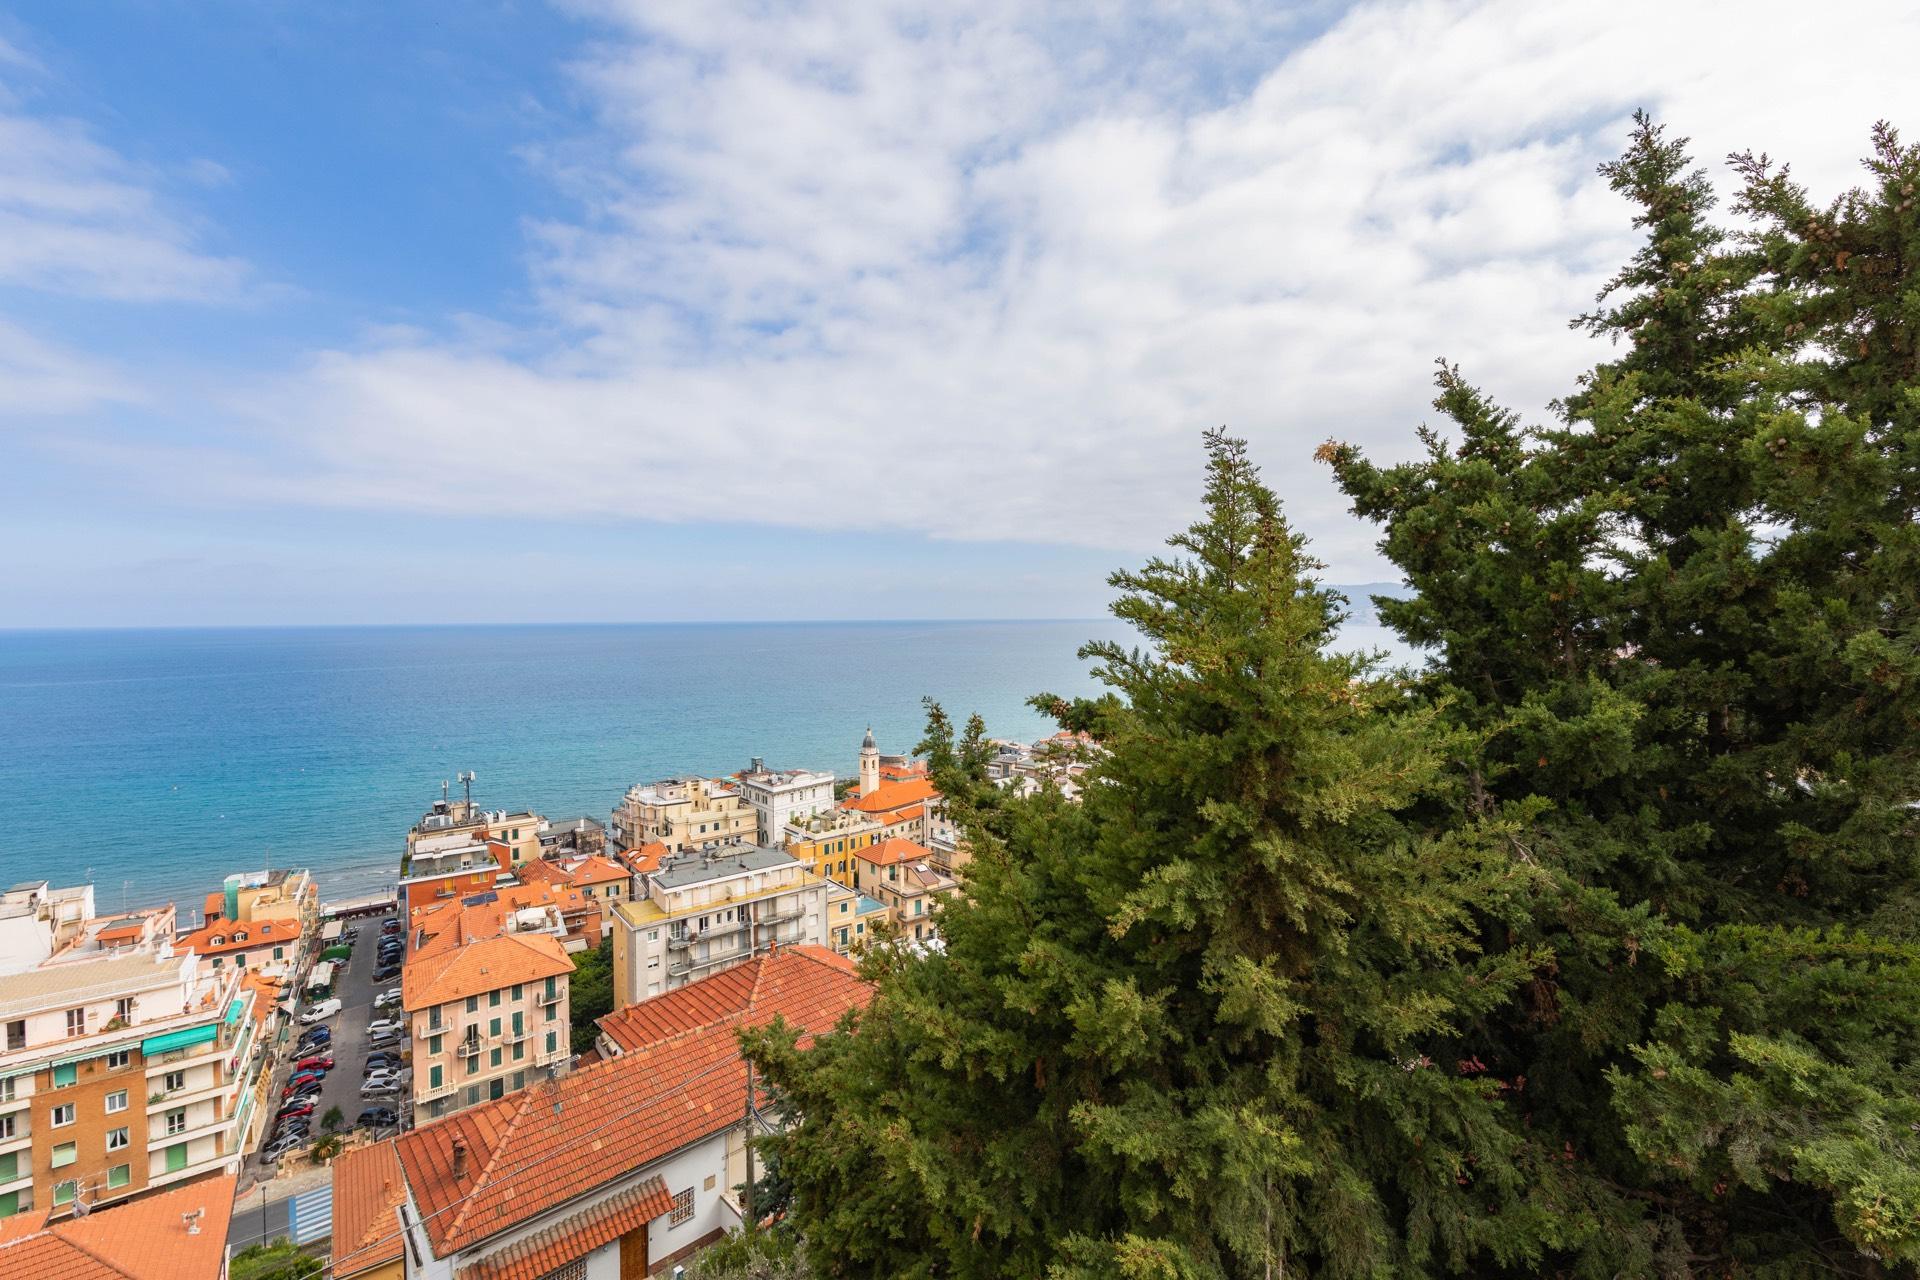 Appartamento in vendita a Alassio, 2 locali, zona a, prezzo € 450.000 | PortaleAgenzieImmobiliari.it